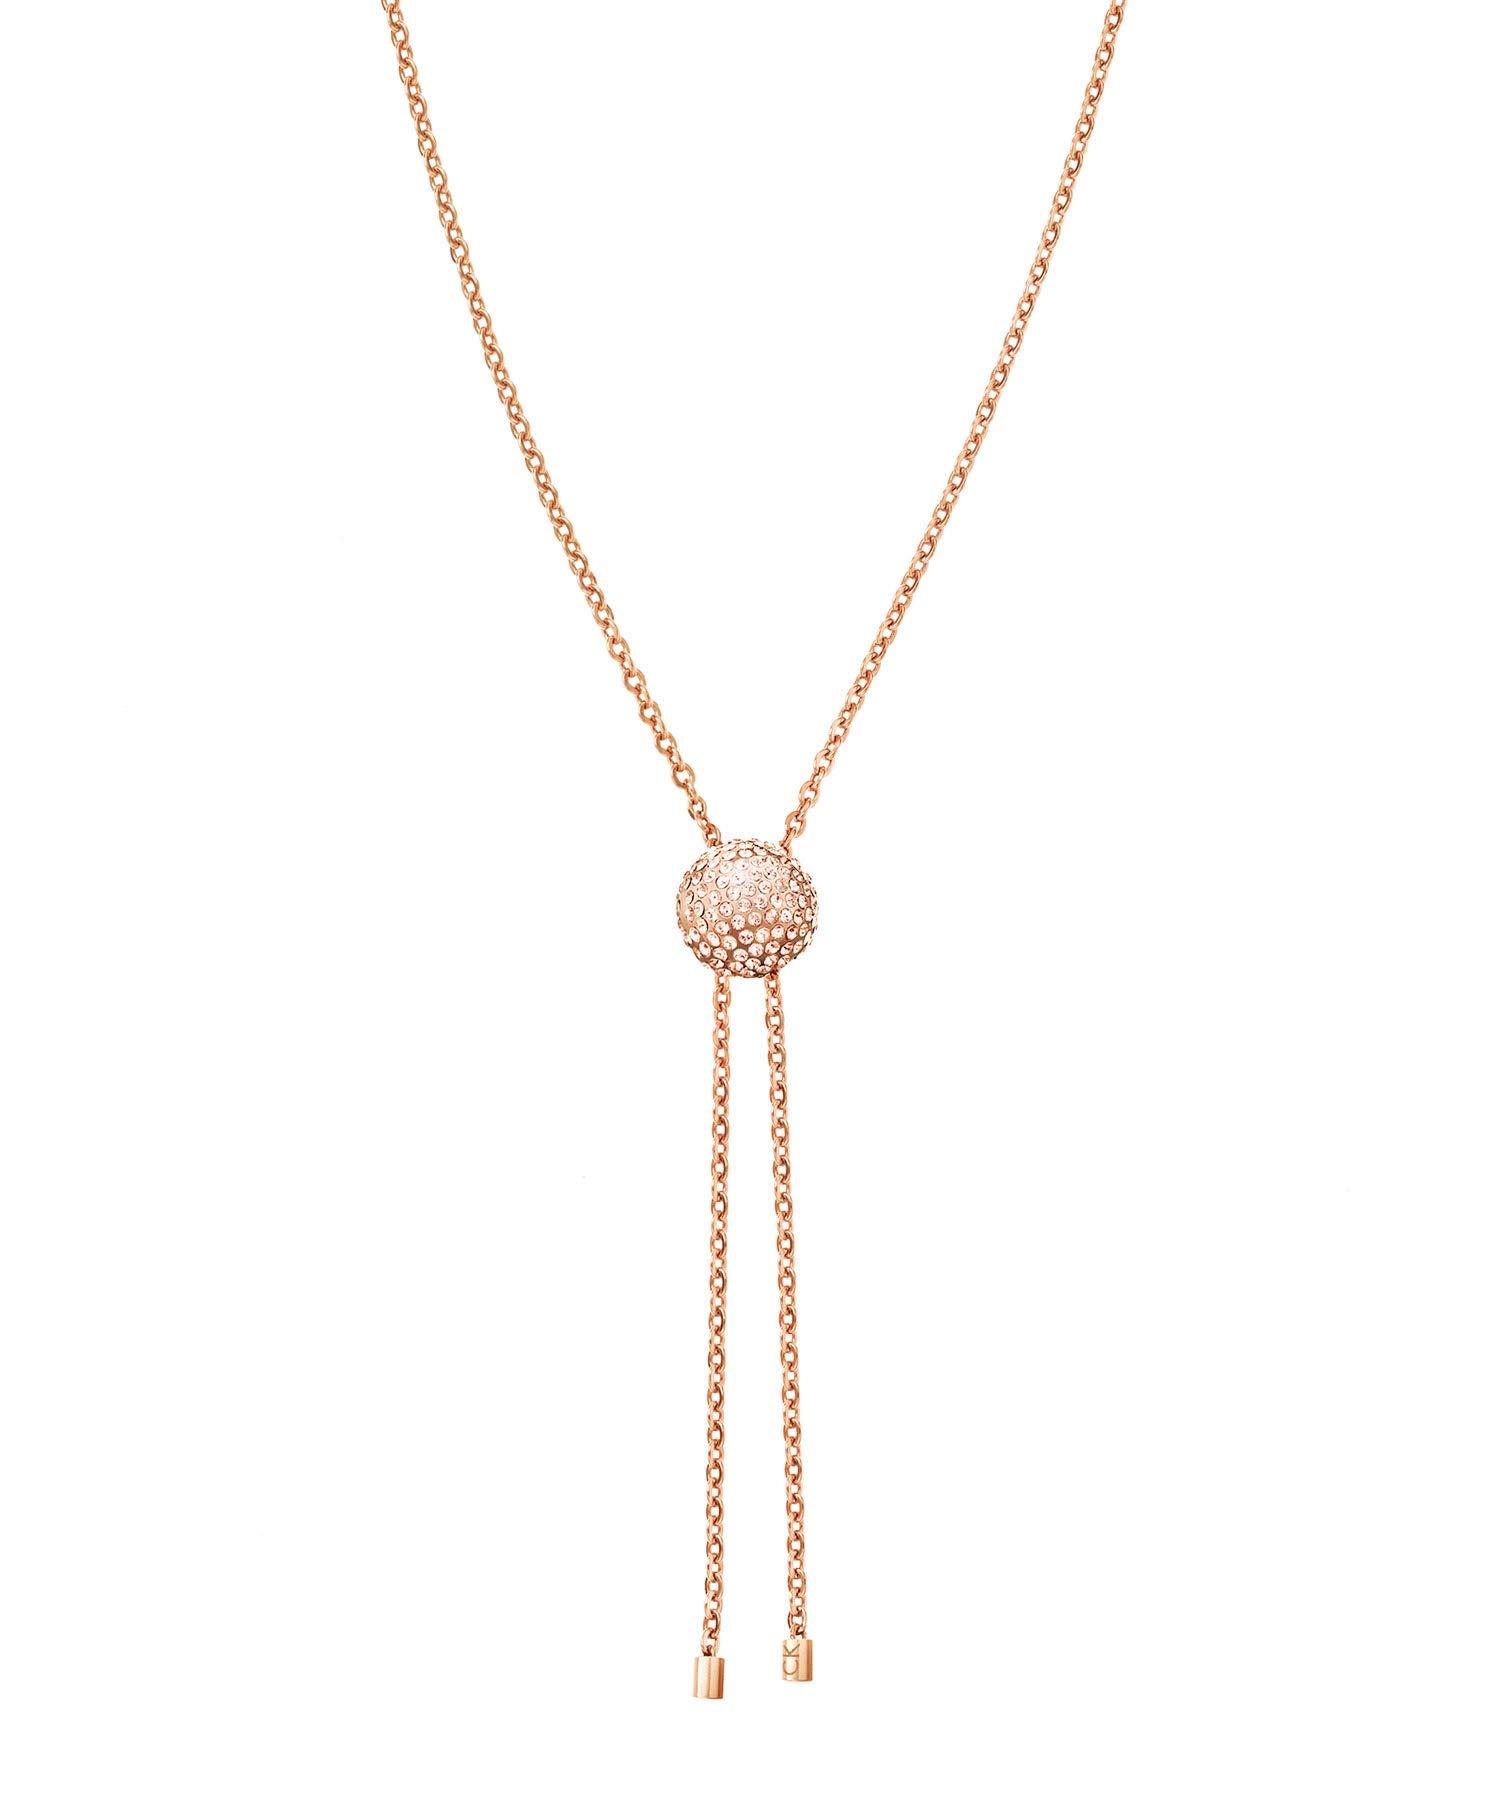 Damen-Kette Edelstahl/Kristall Swarovski Kristalle 32001101